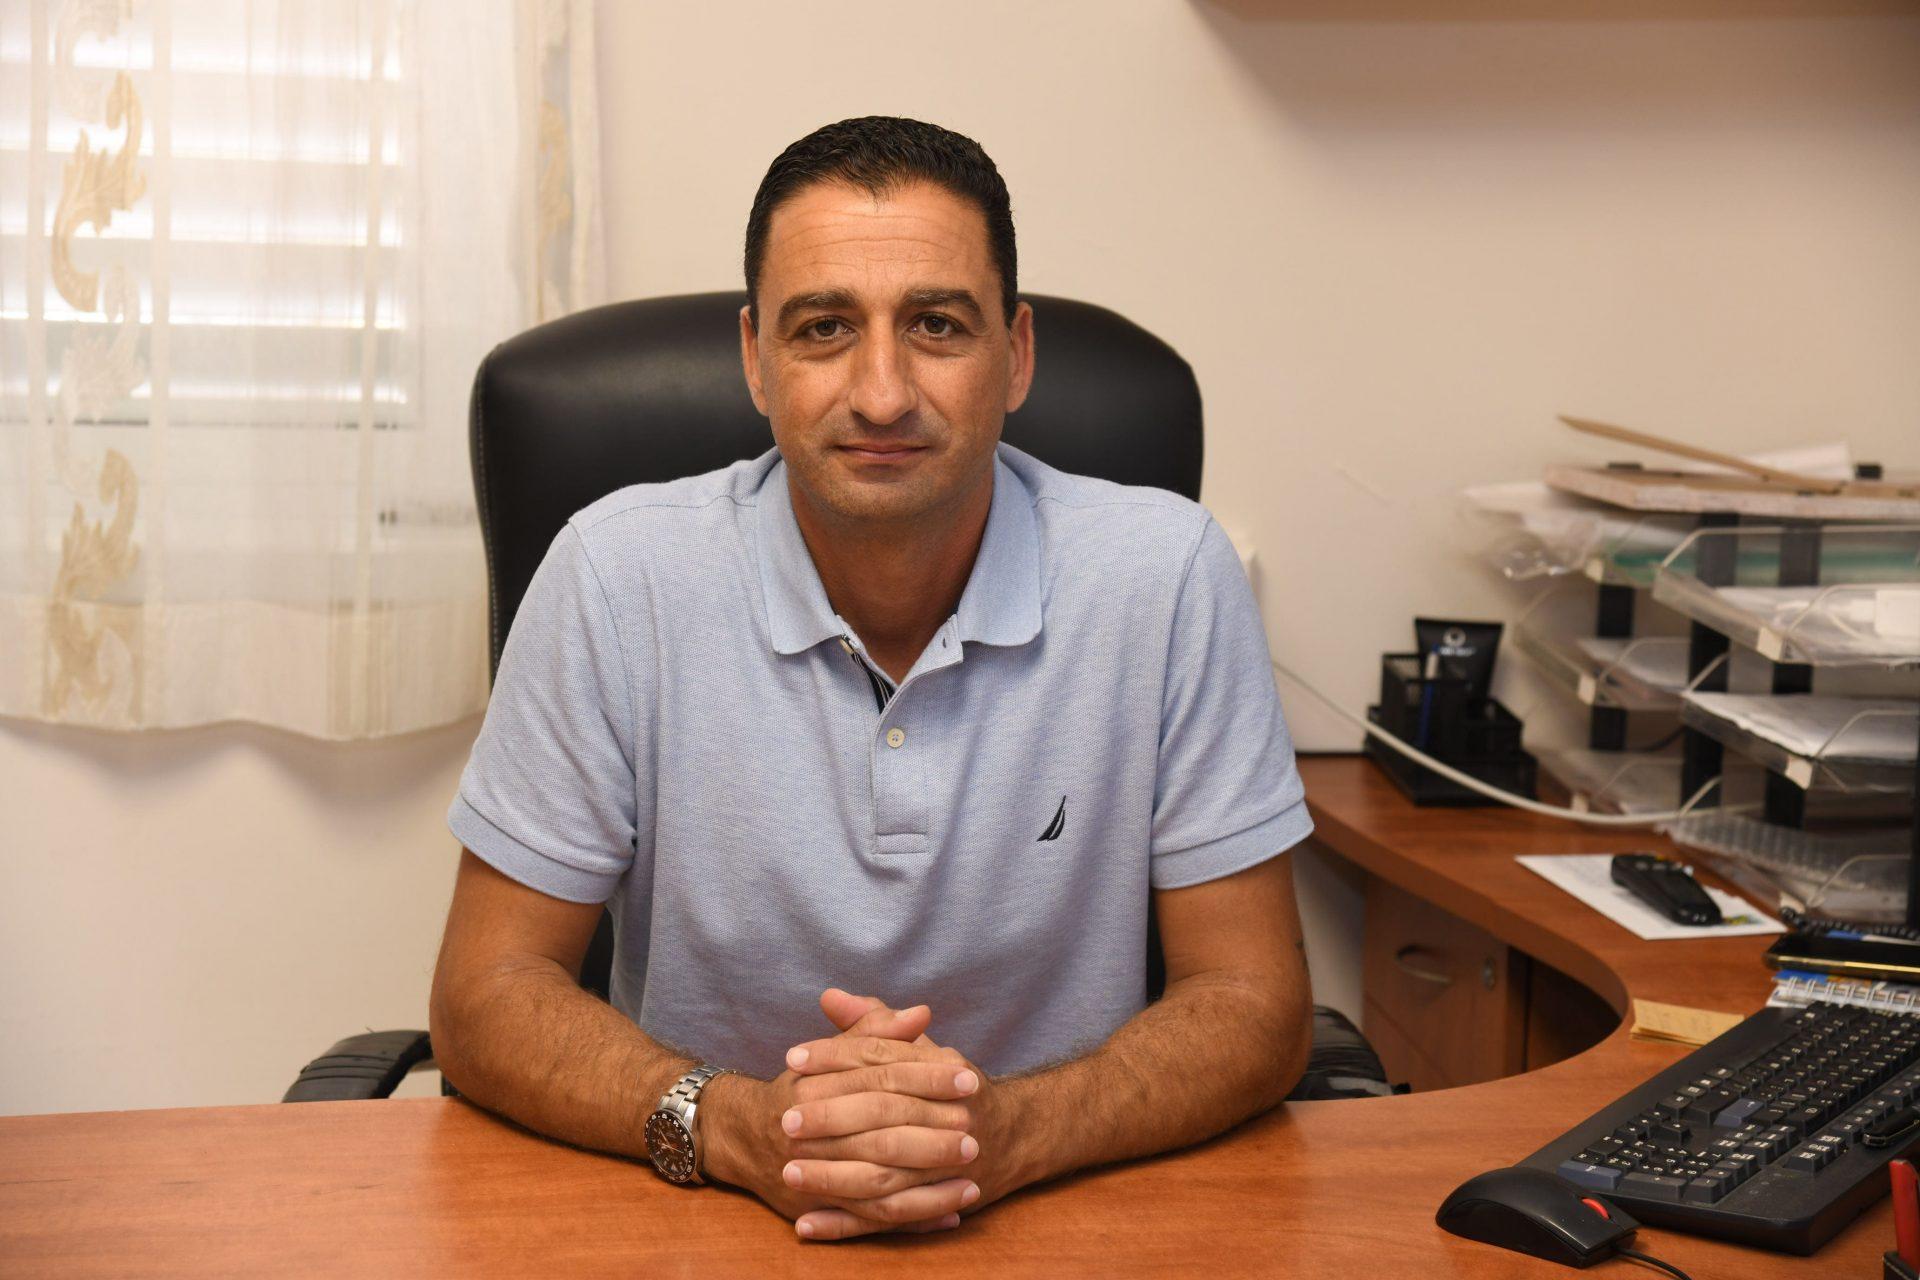 נימי מימון, מנהל מחלקת המשק. צילום: המרכז הרפואי ברזילי